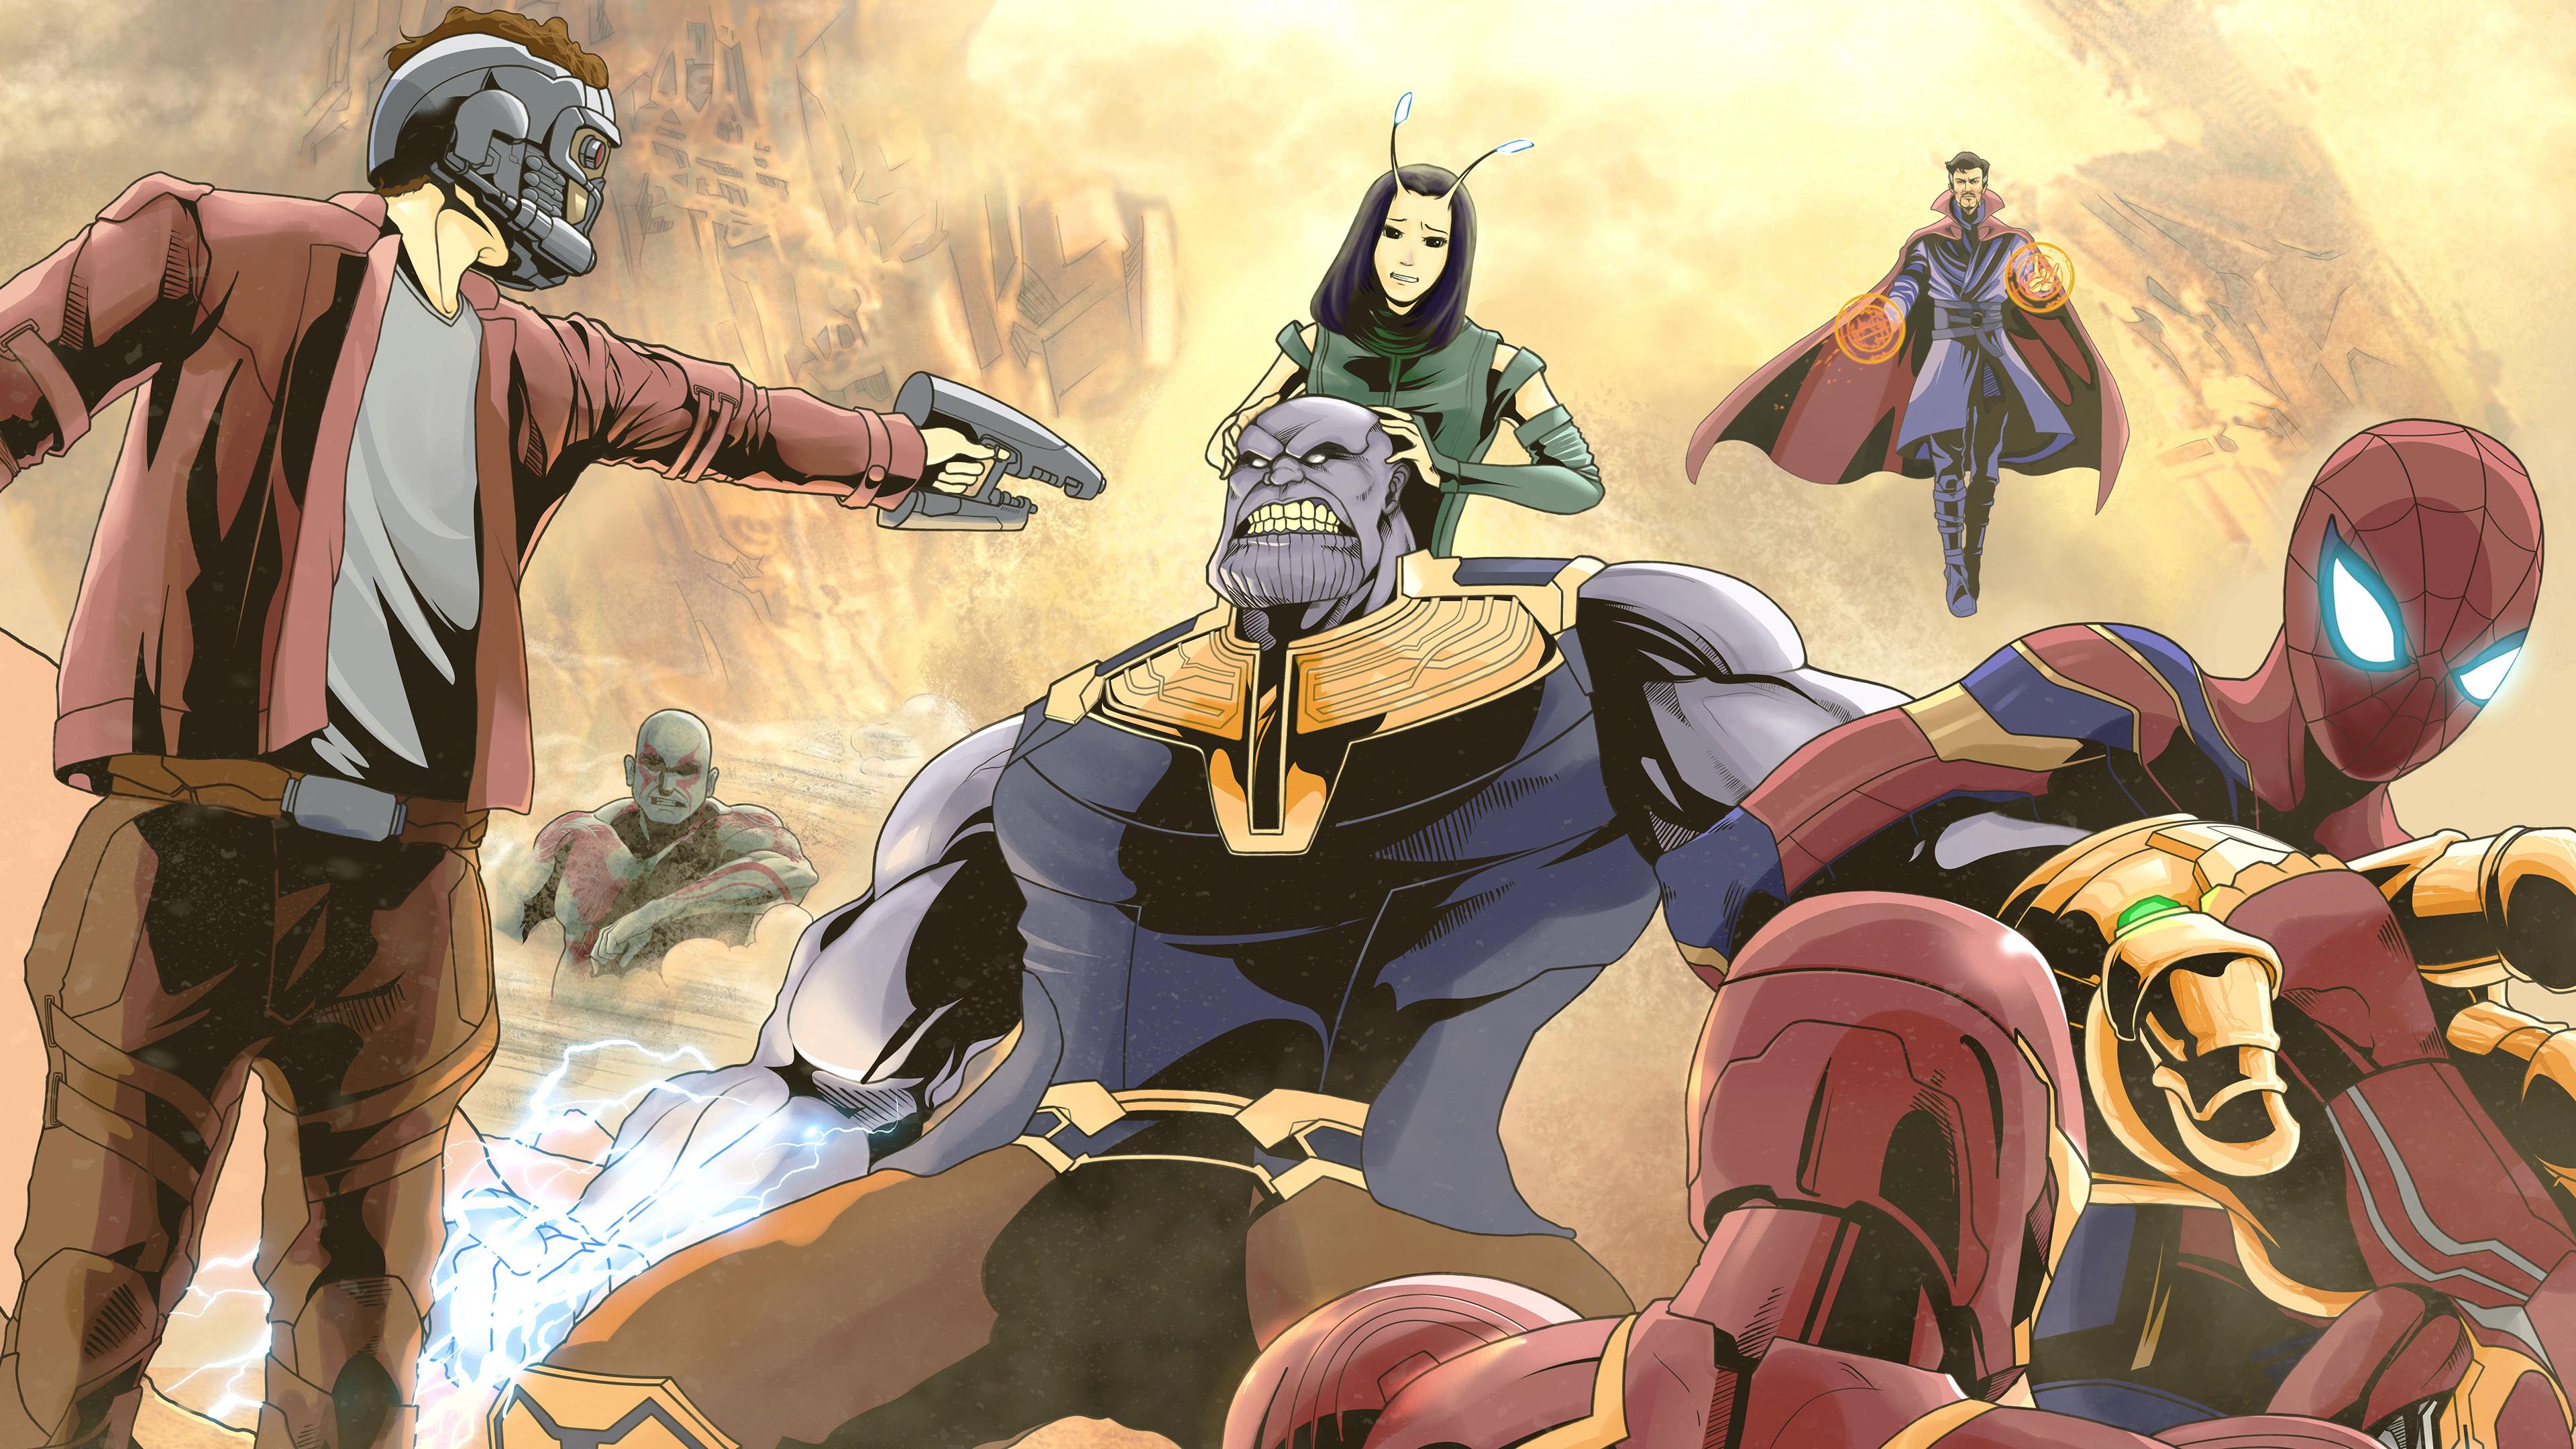 avengers infinity war the last try 4k 1555208574 - Avengers Infinity War The Last Try 4k - movies wallpapers, hd-wallpapers, digital art wallpapers, behance wallpapers, avengers-infinity-war-wallpapers, artwork wallpapers, artist wallpapers, 4k-wallpapers, 2019 movies wallpapers